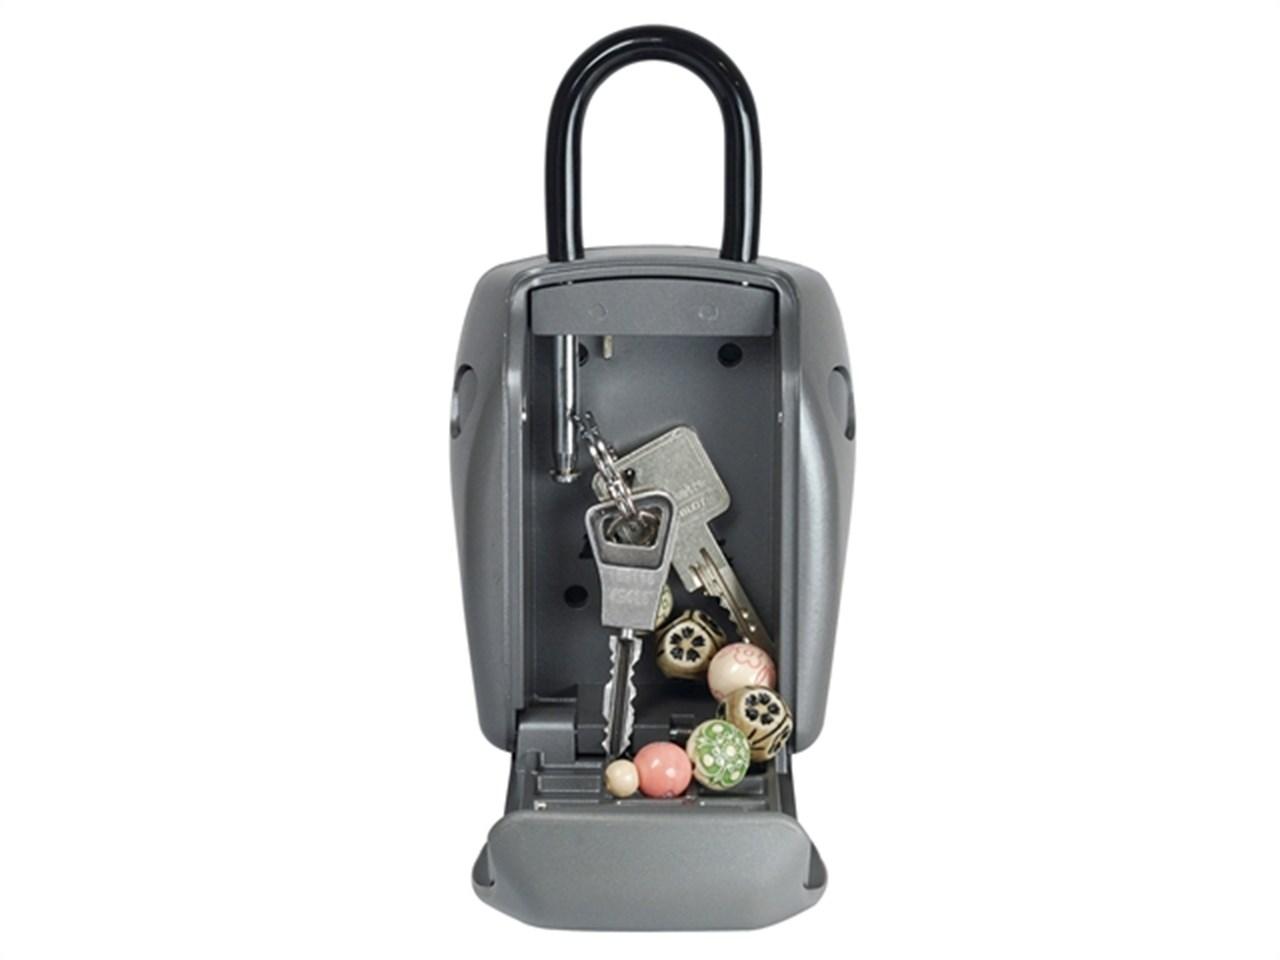 Masterlock 5414eurd Reinforced Security Key Safe Shackled